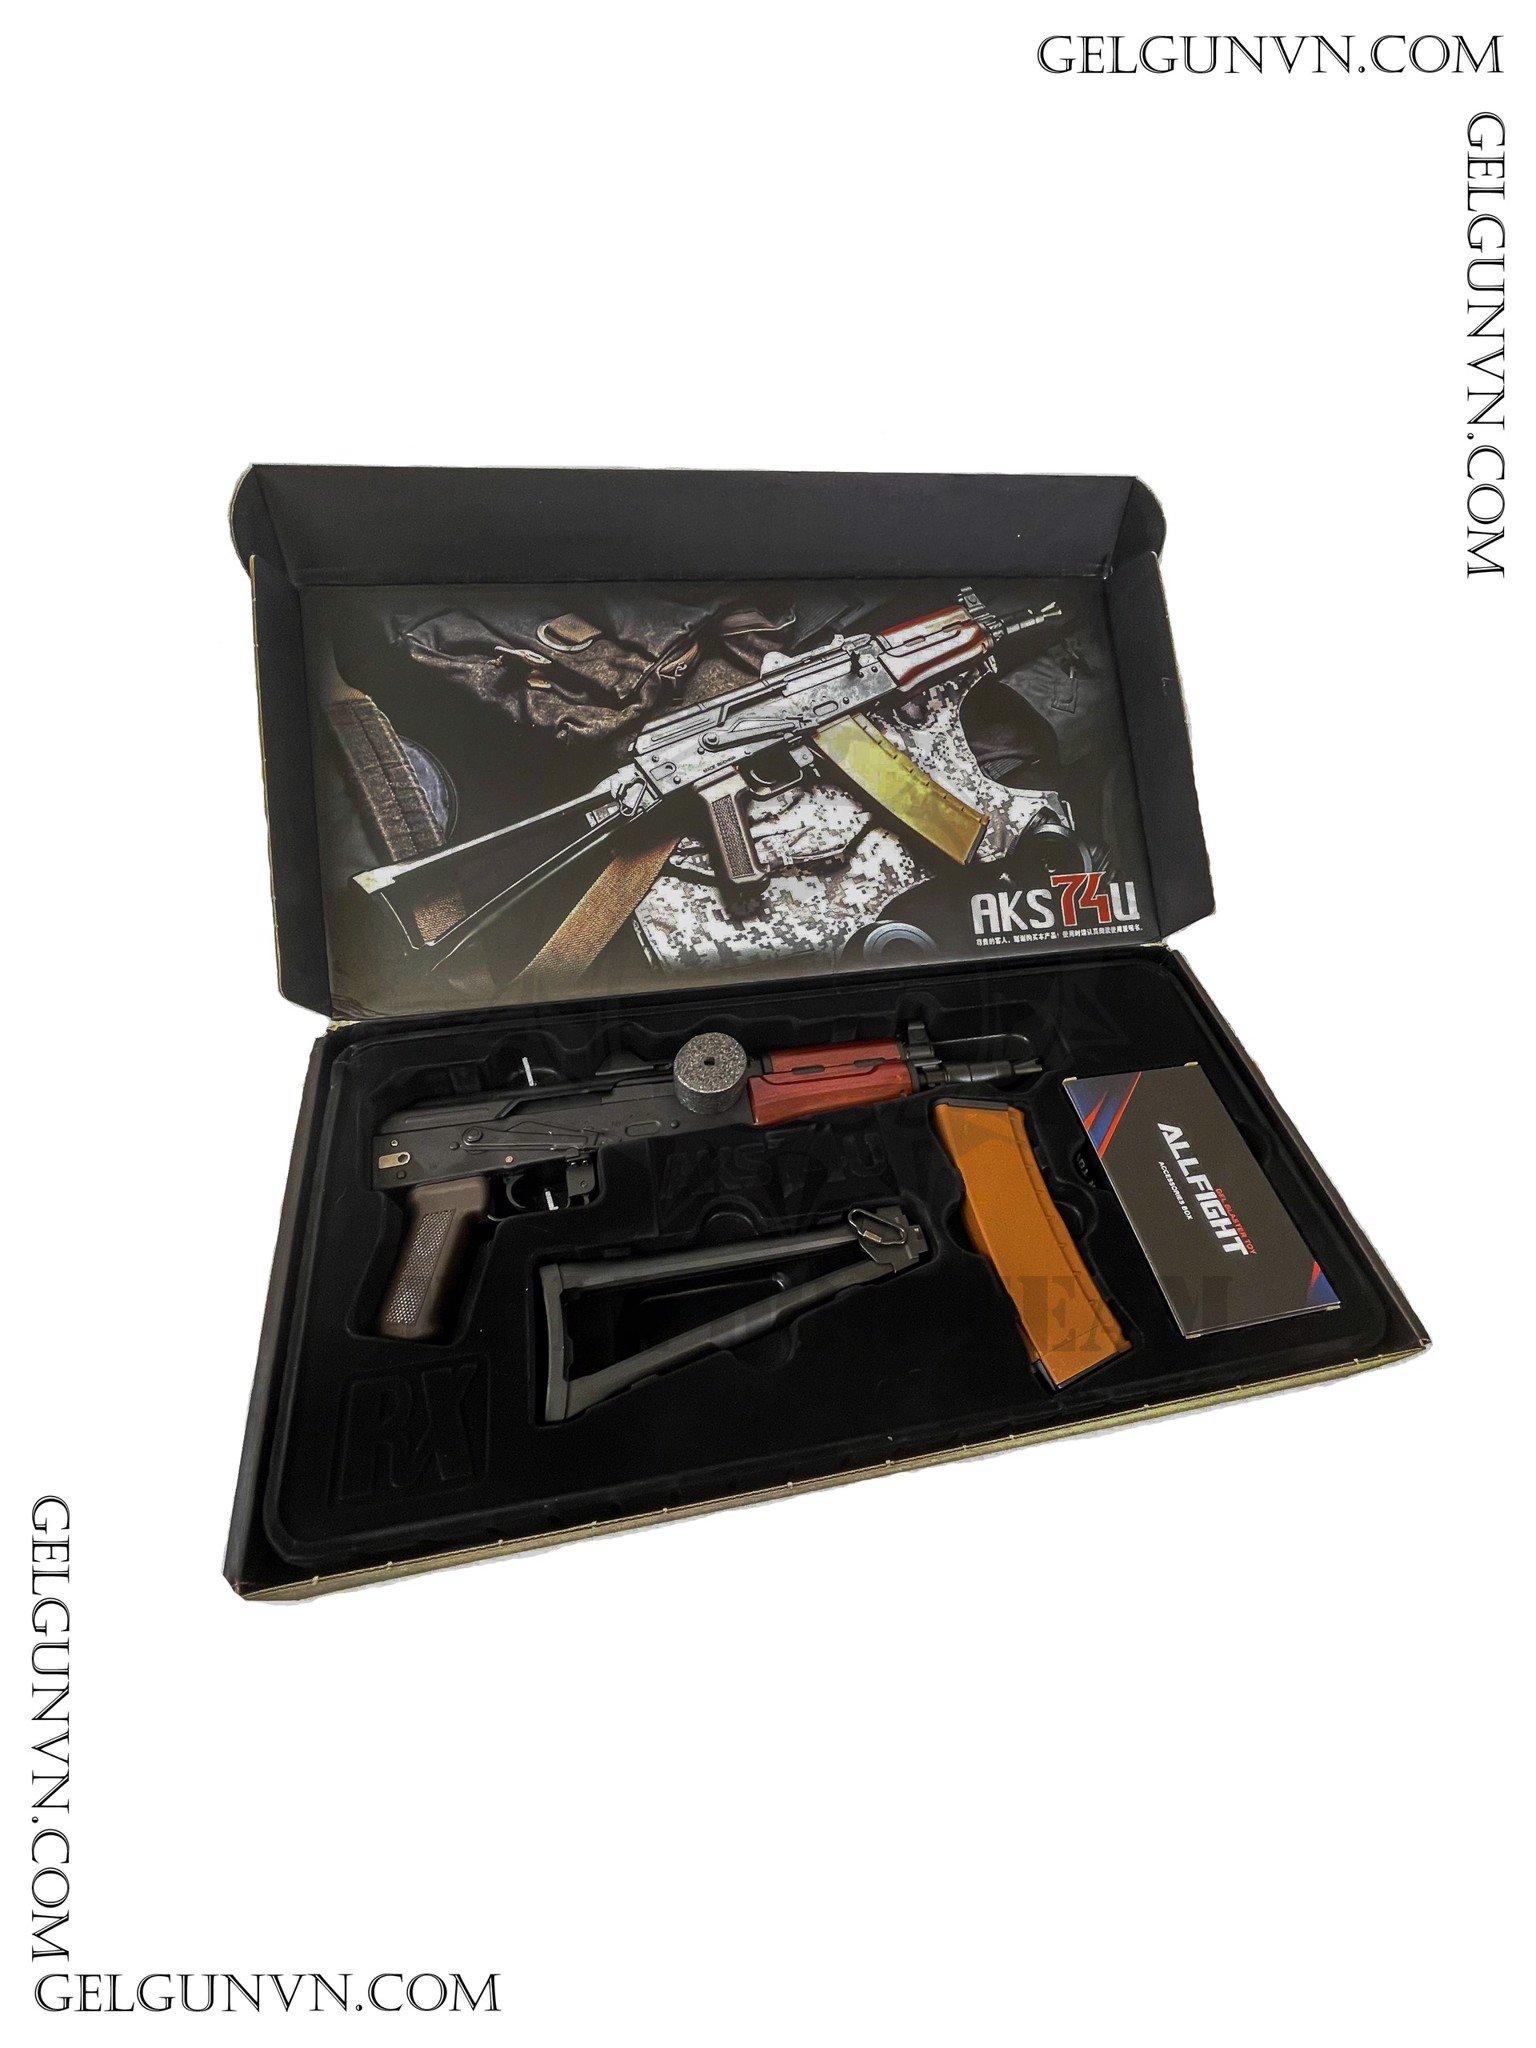 Súng đạn thạch AKS 74u - Siêu Ak ( Có Sẵn Hàng Phục Vụ TẾT )